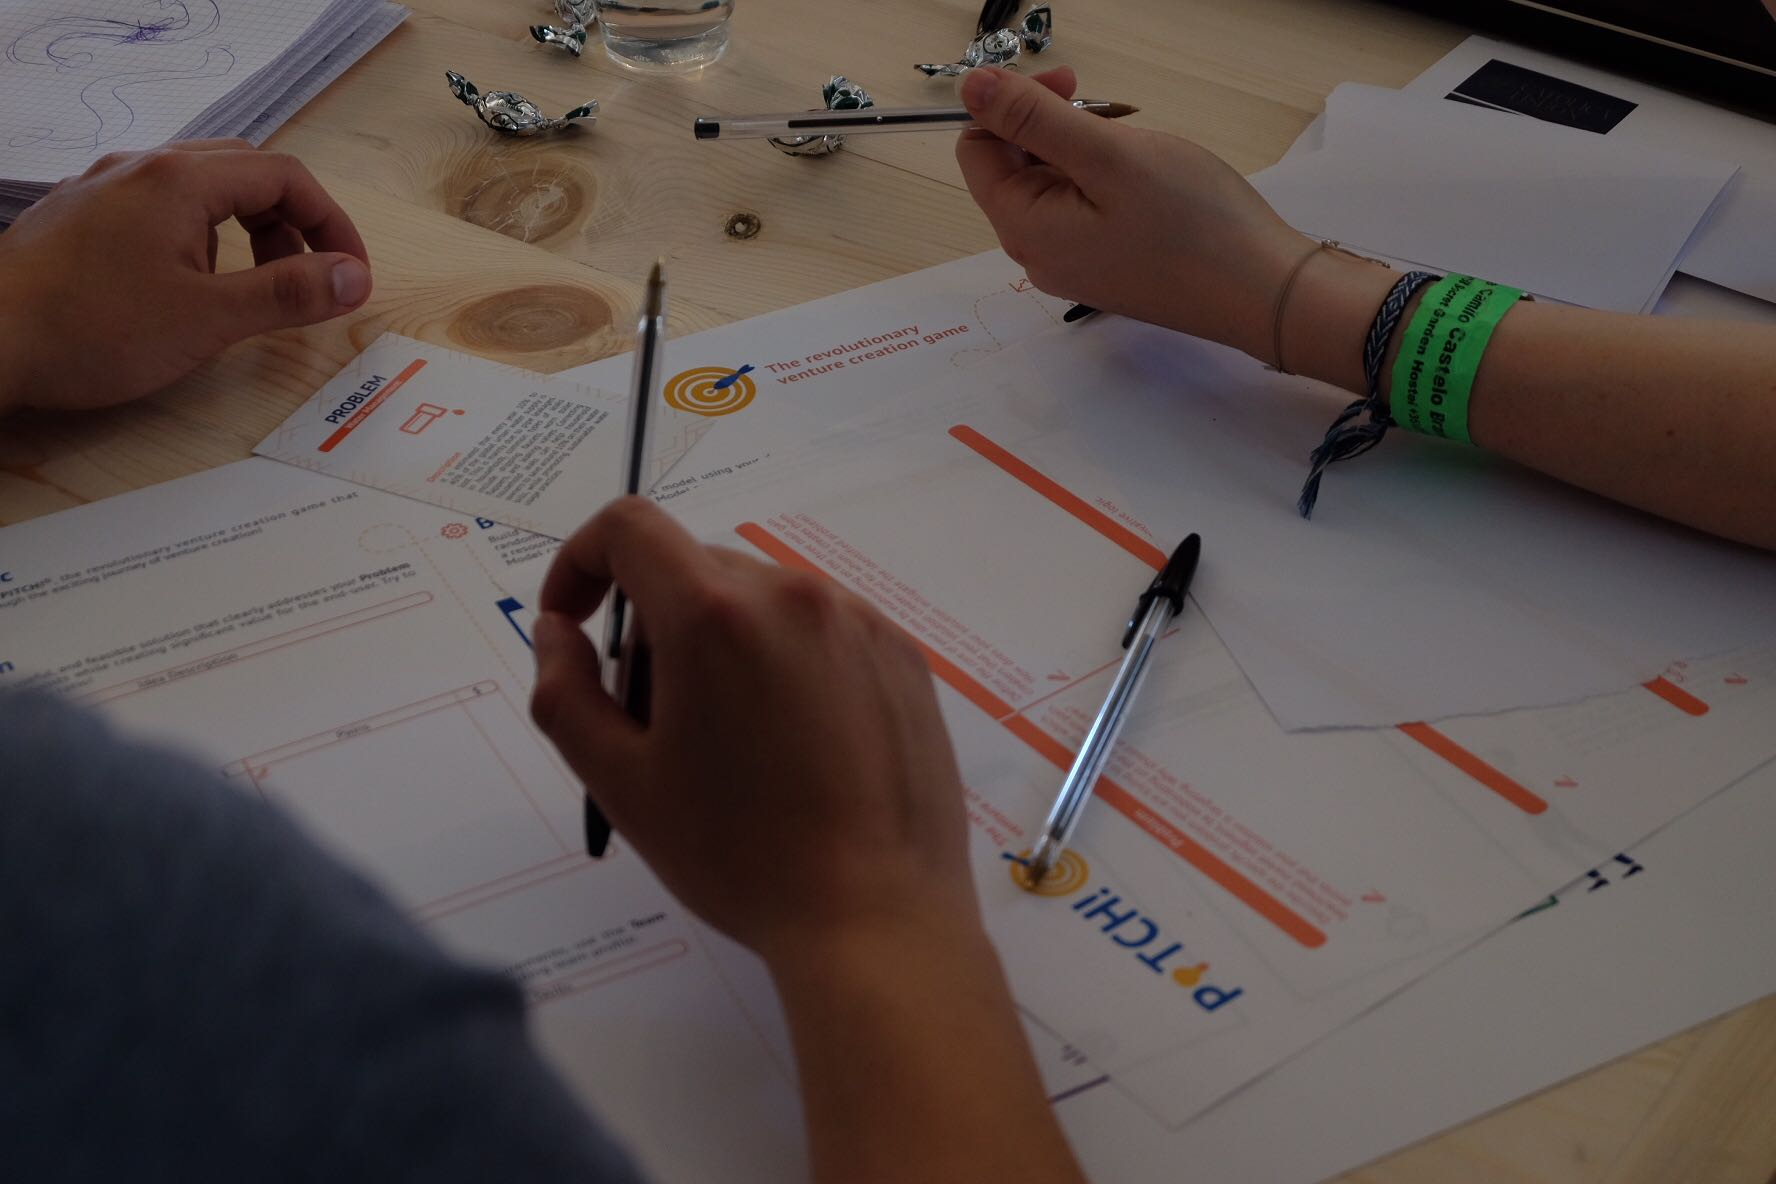 Innovation & Entrepreneurship Workshop